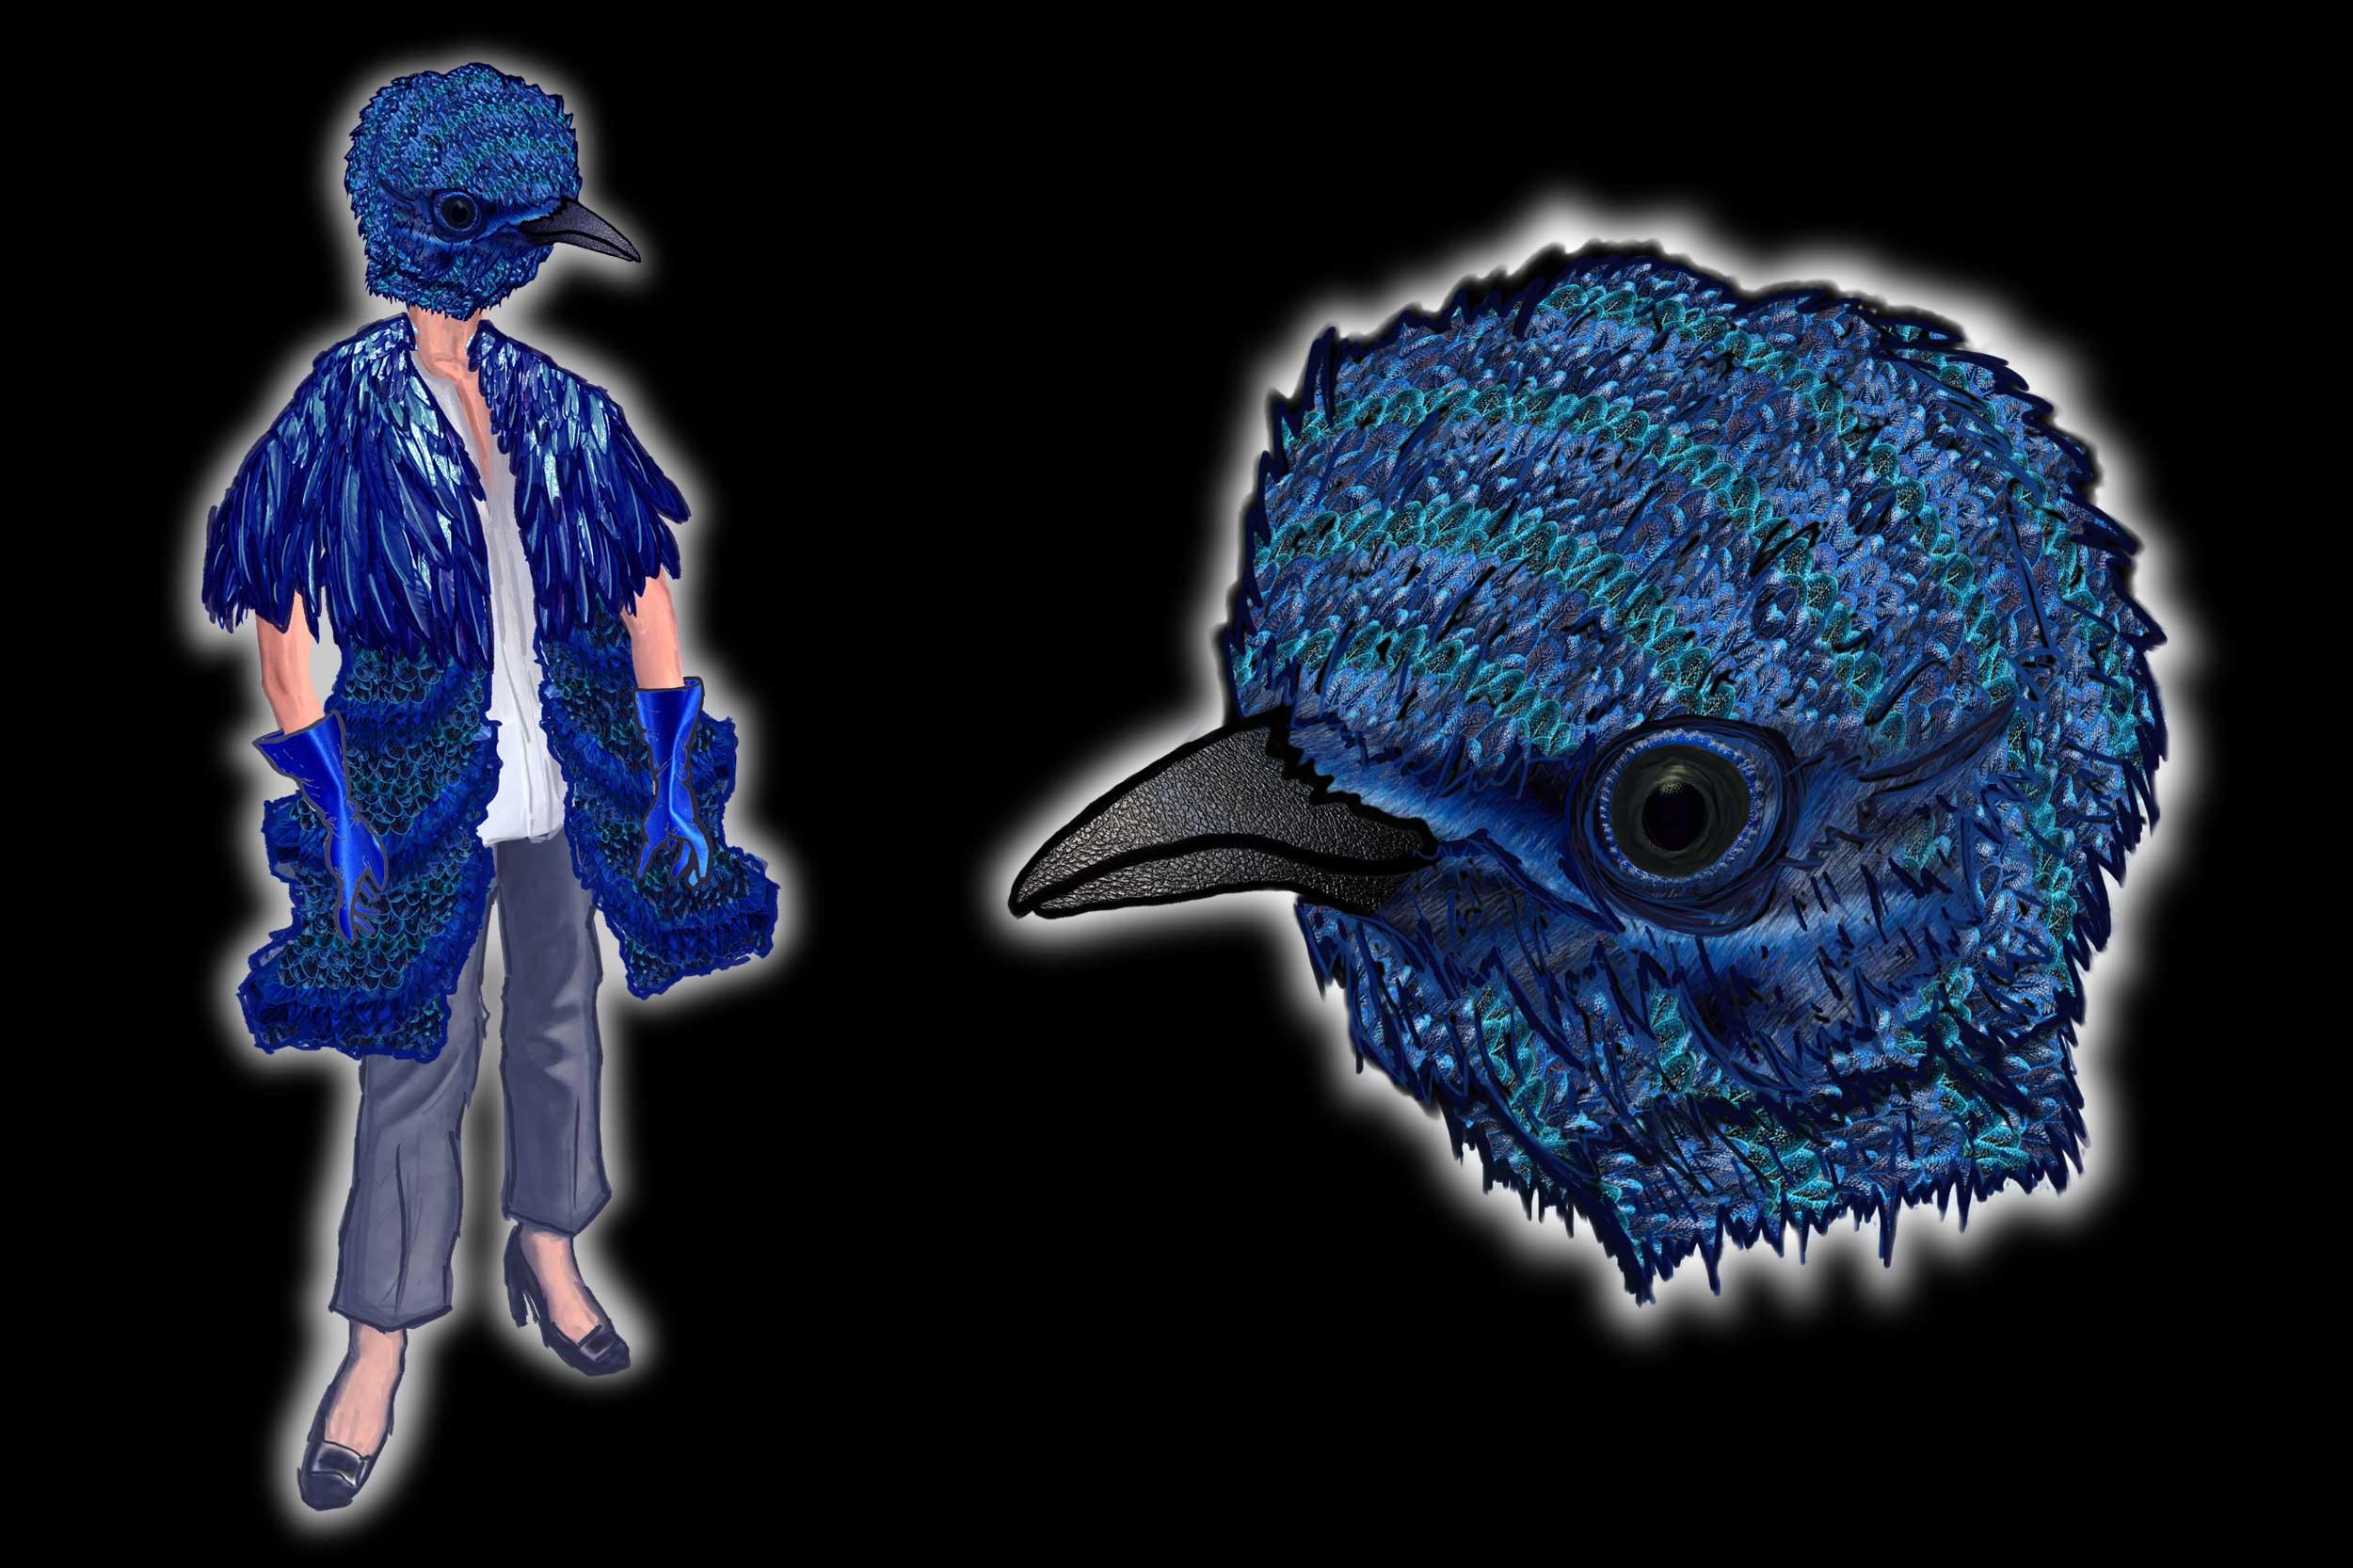 BLUEBIRD-MECHANICALS-3-CRIS-BALDWIN.jpg